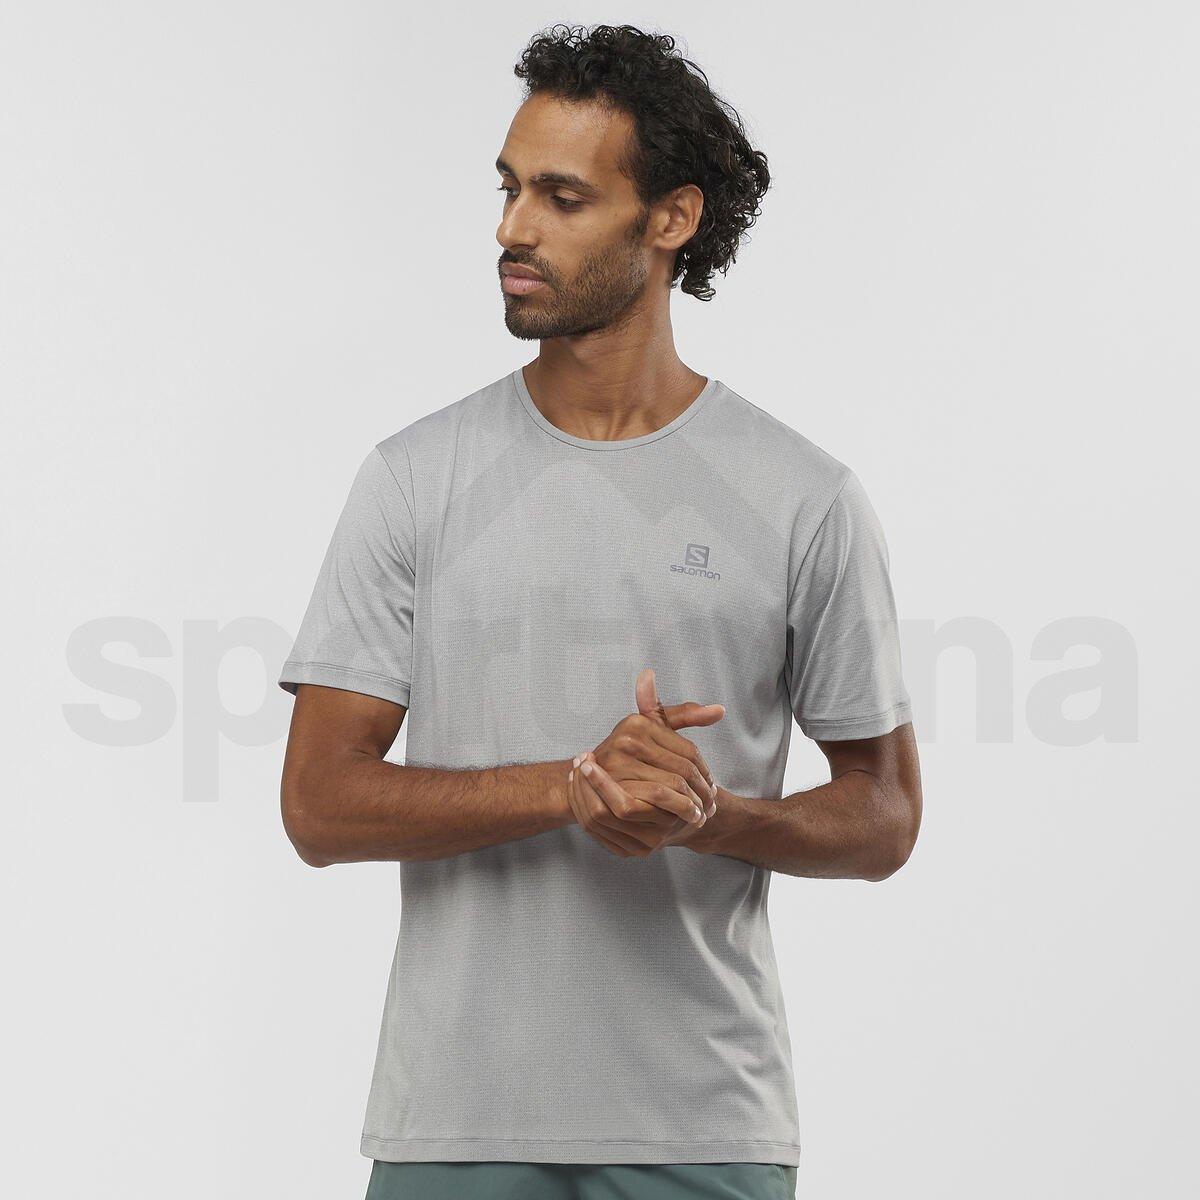 Tričko Salomon AGILE TRAINING TEE M - světle šedá